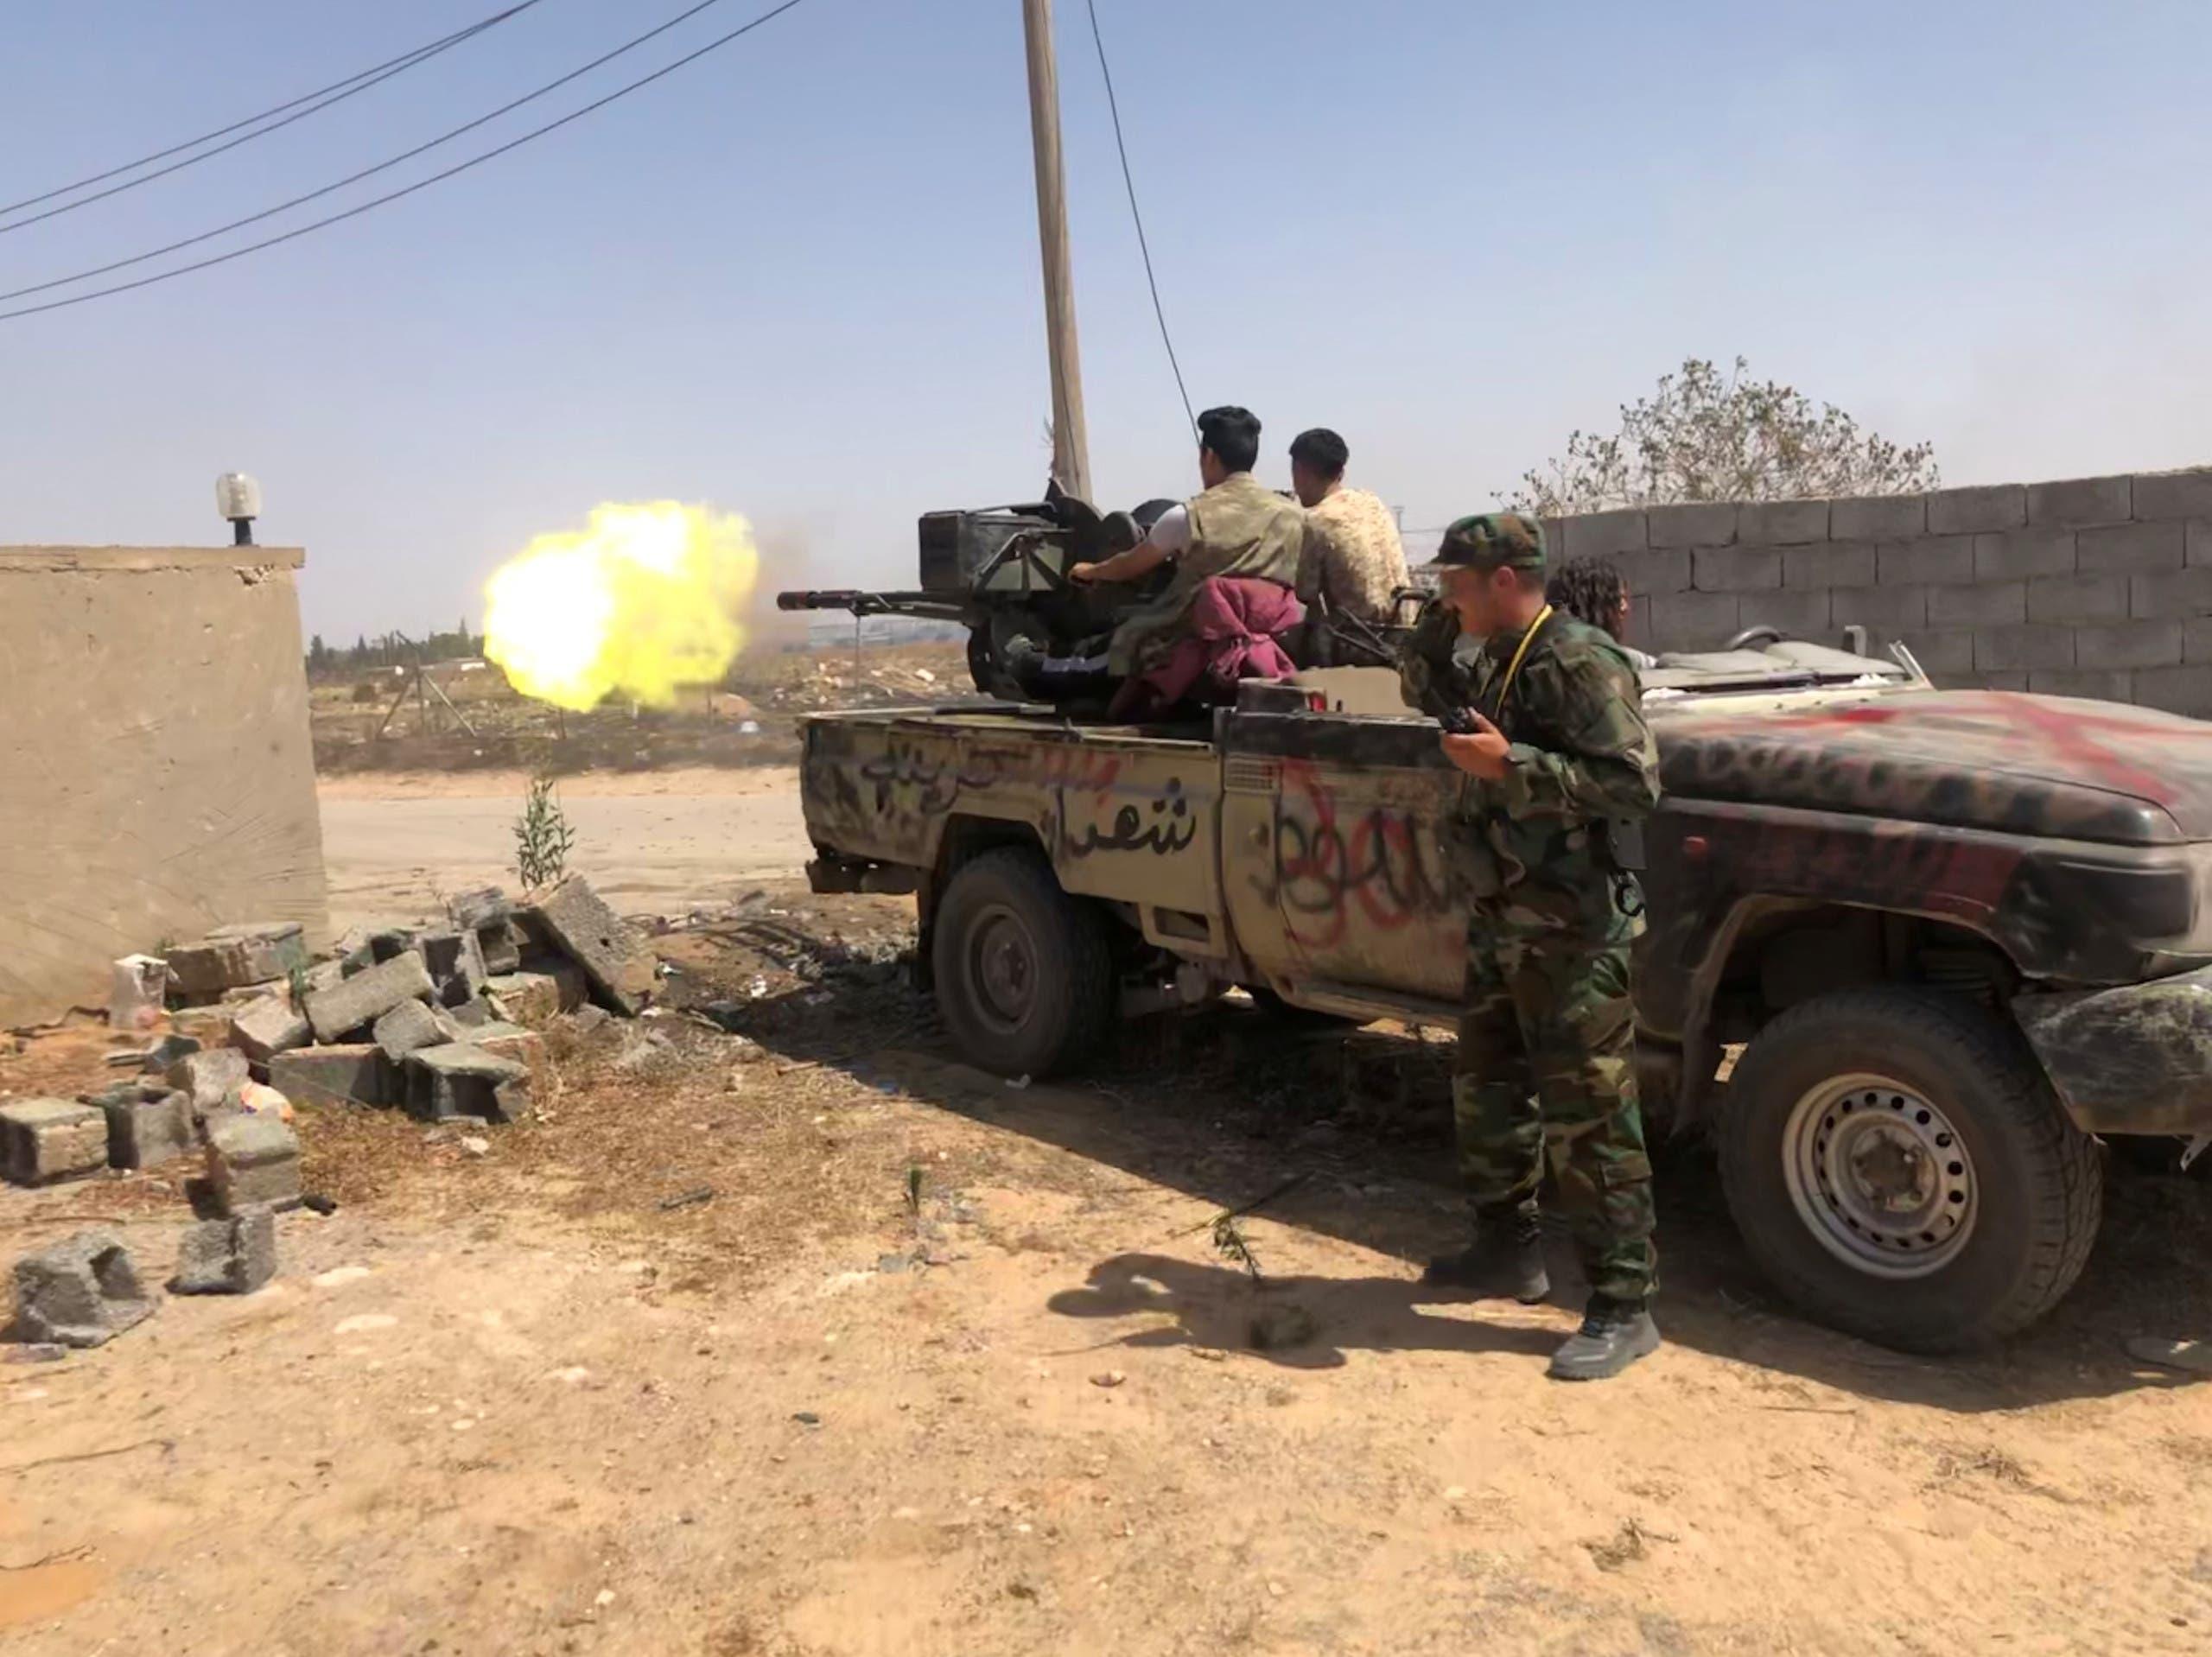 عناصر من قوات الوفاق في طرابلس(رويترز- أرشيفية)